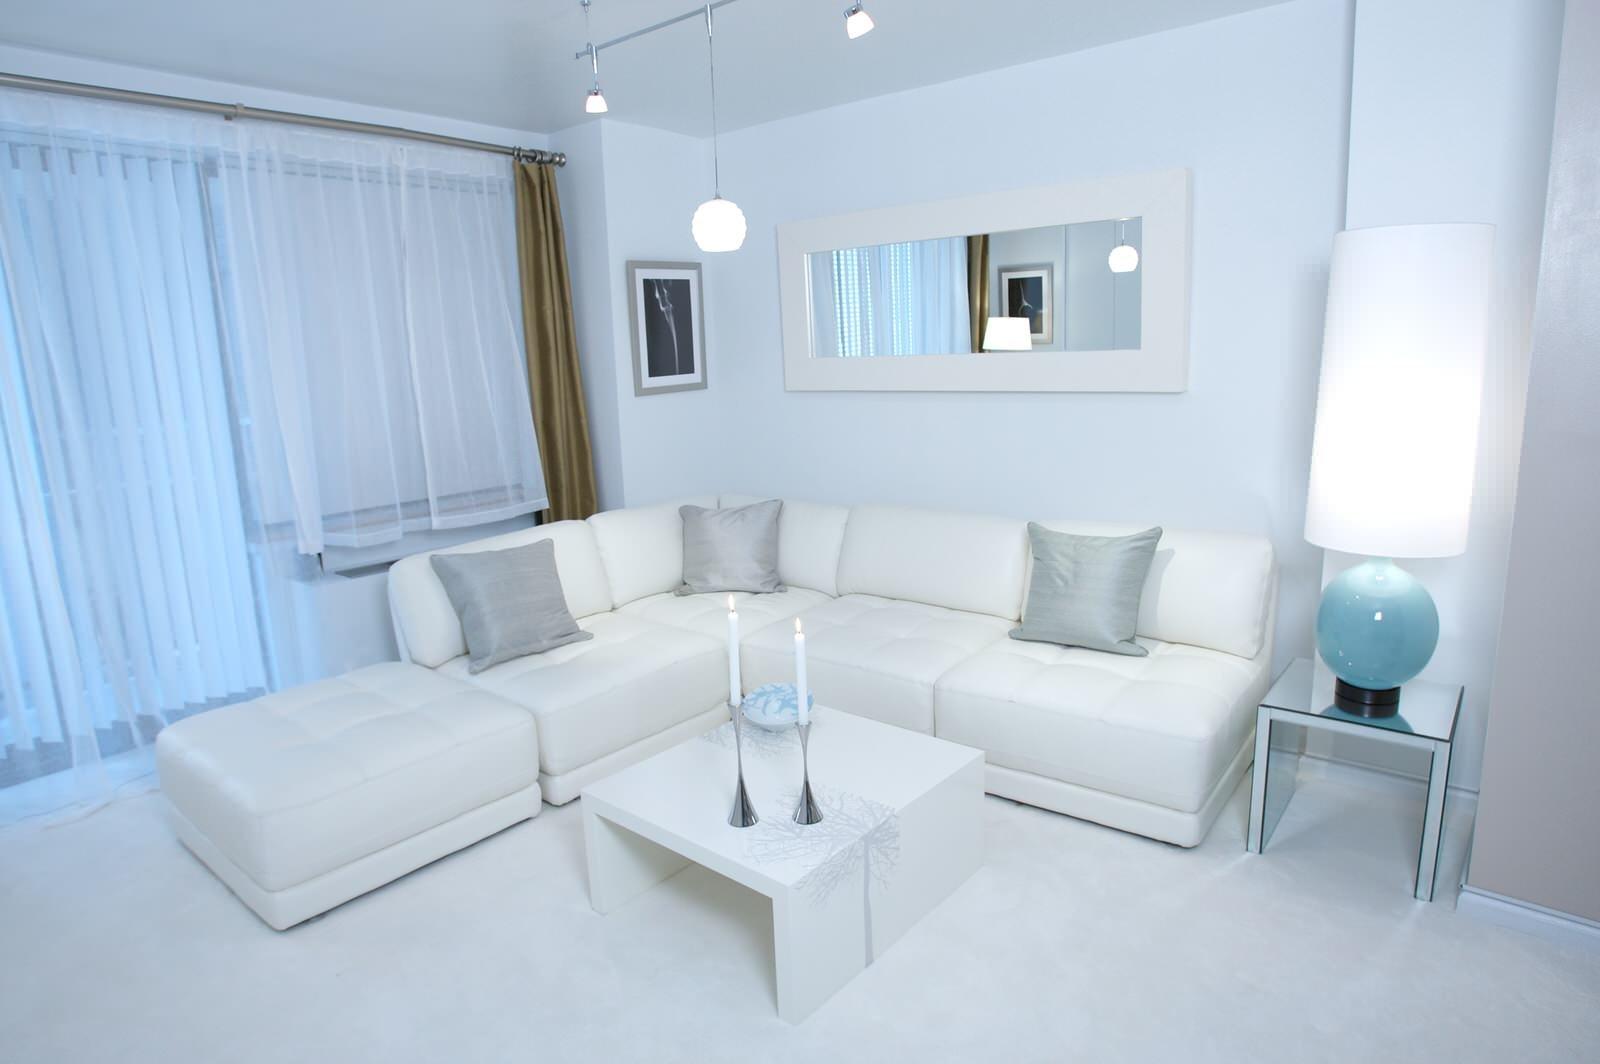 дизайн квартиры в белом цвете